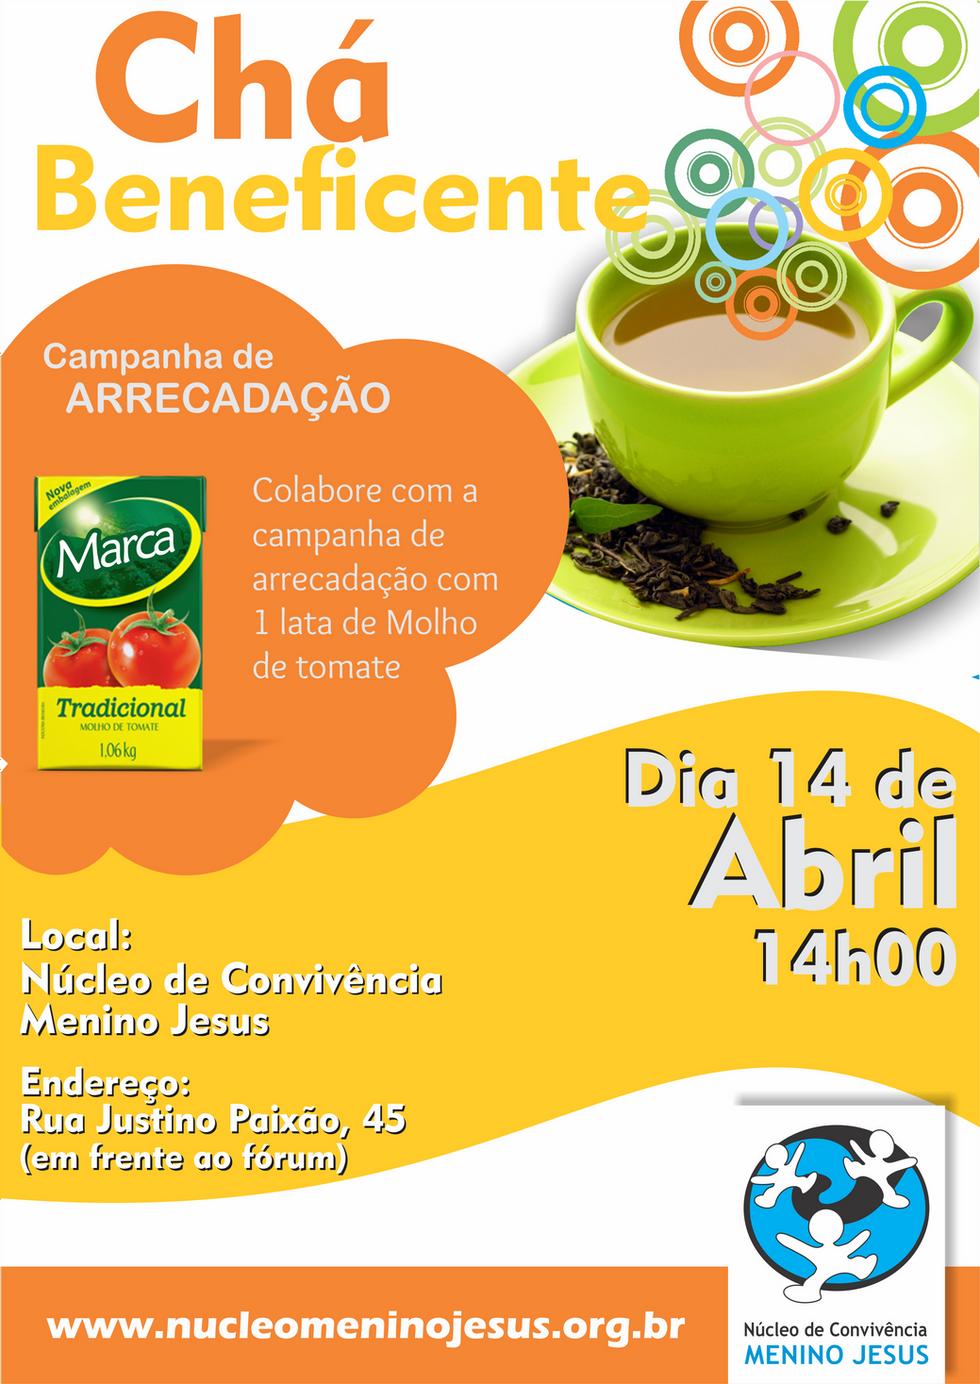 Chá Beneficente de Março